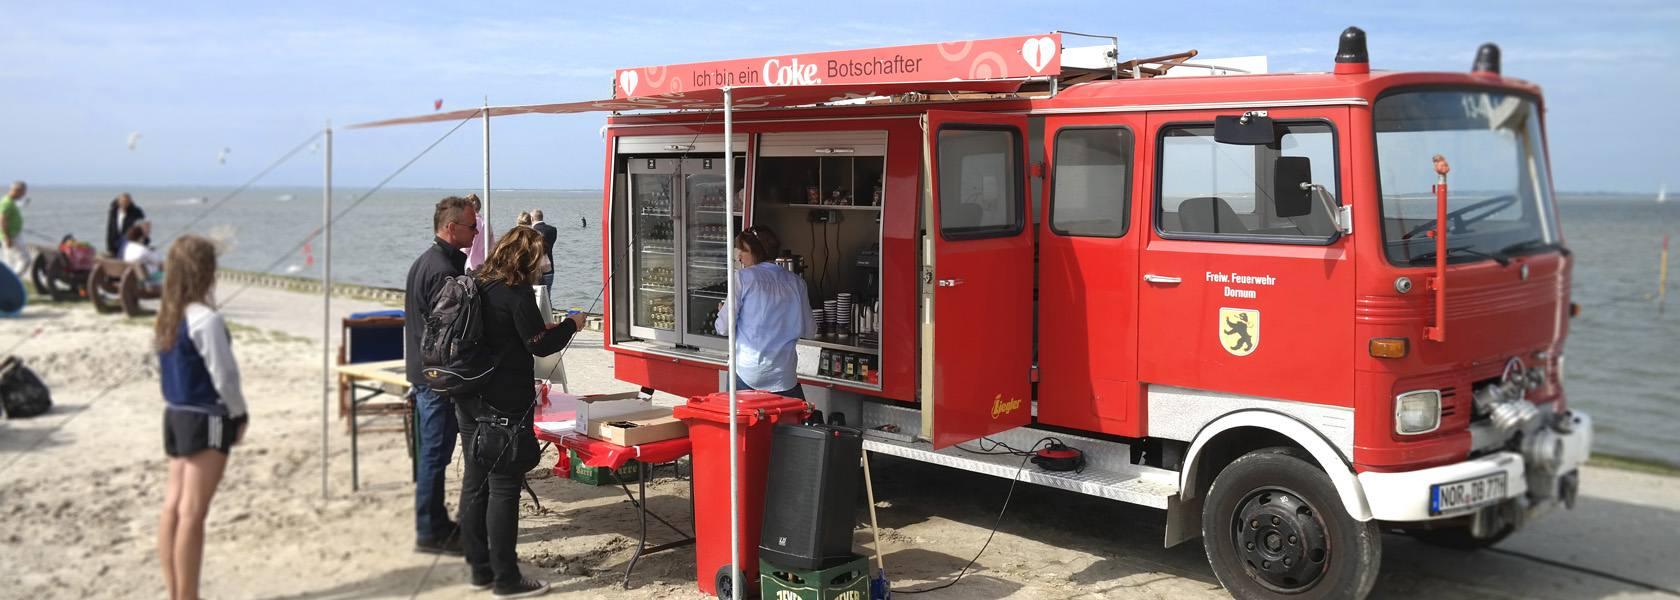 Durstlöscher in Dornumersiel, © Tourismus GmbH Gemeinde Dornum